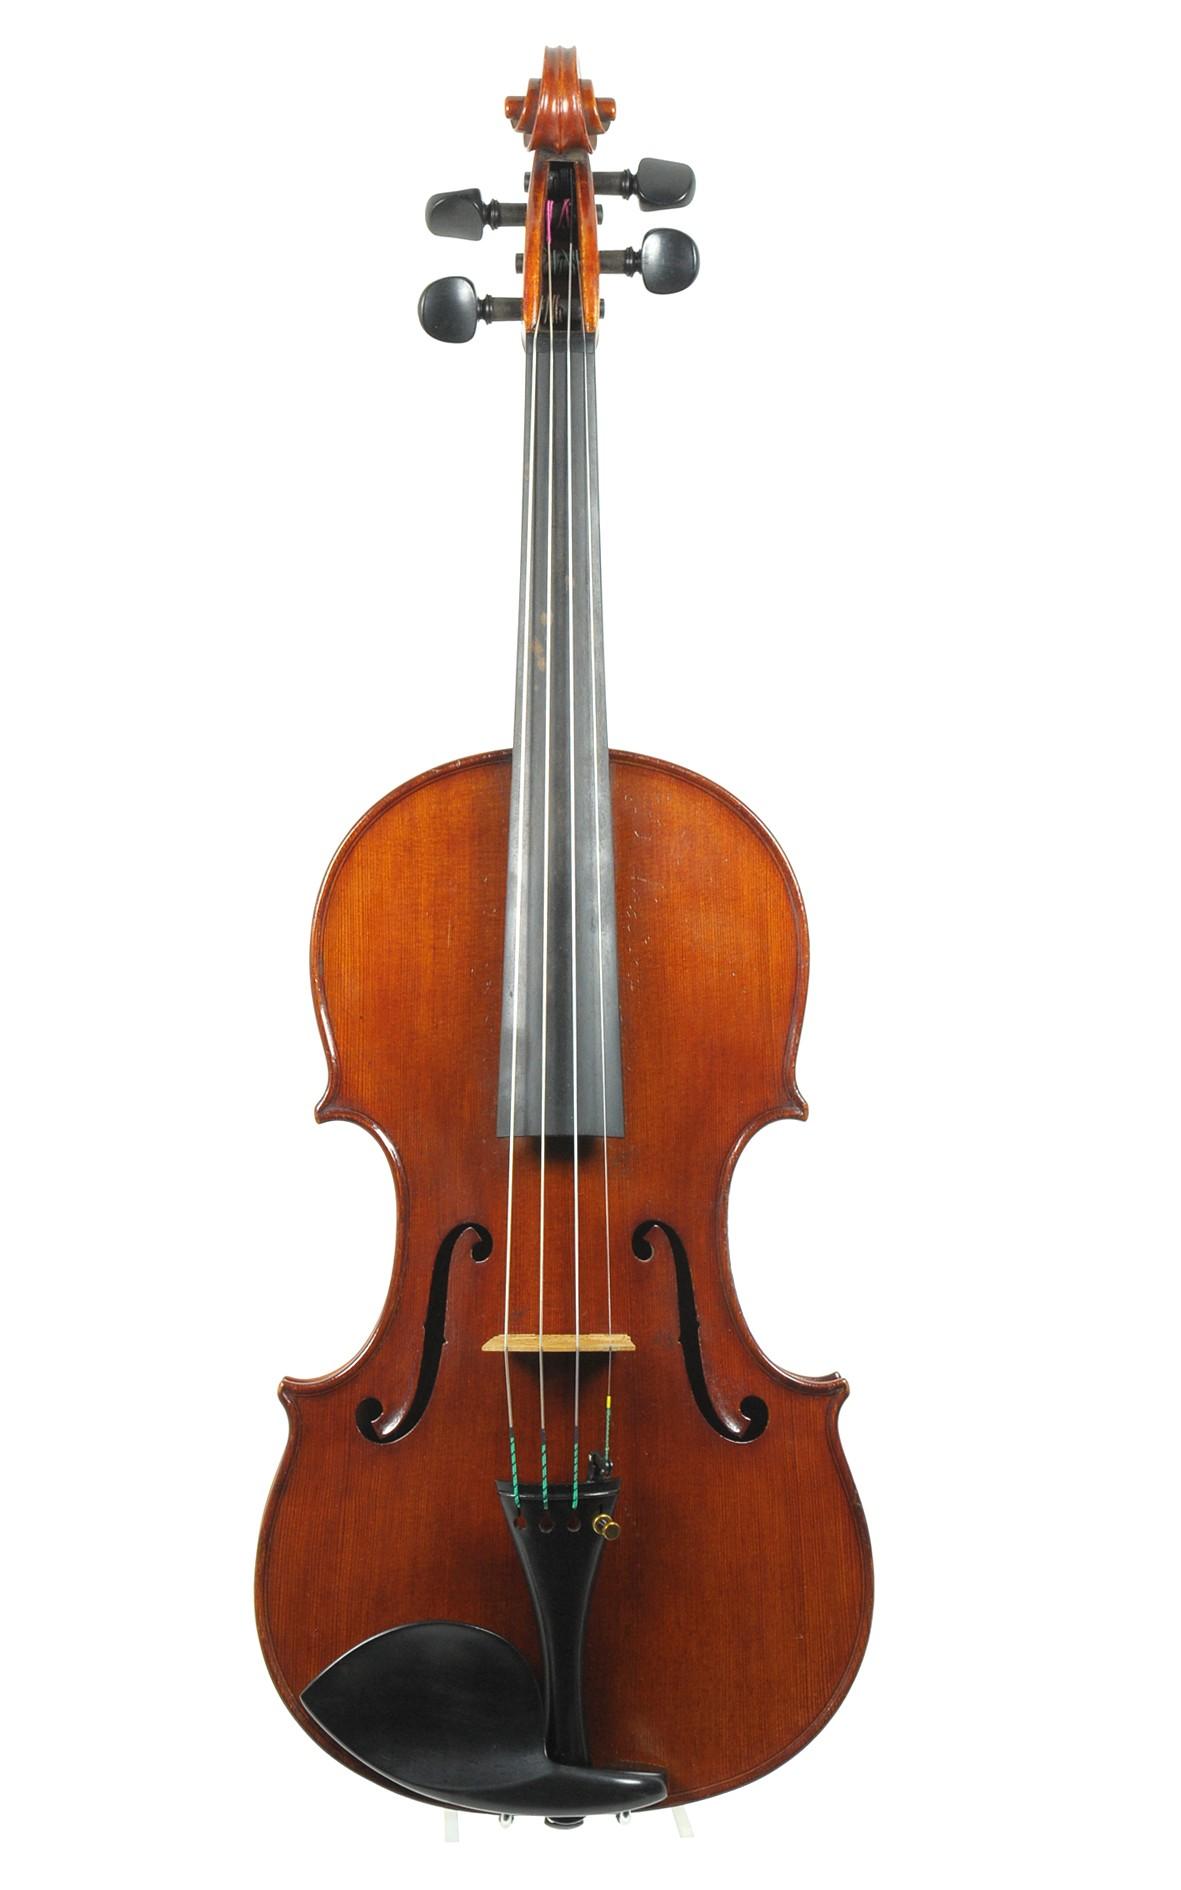 Giovanni Schwarz, fine Italian violin Venice 1913 (certificate by Eric Blot)